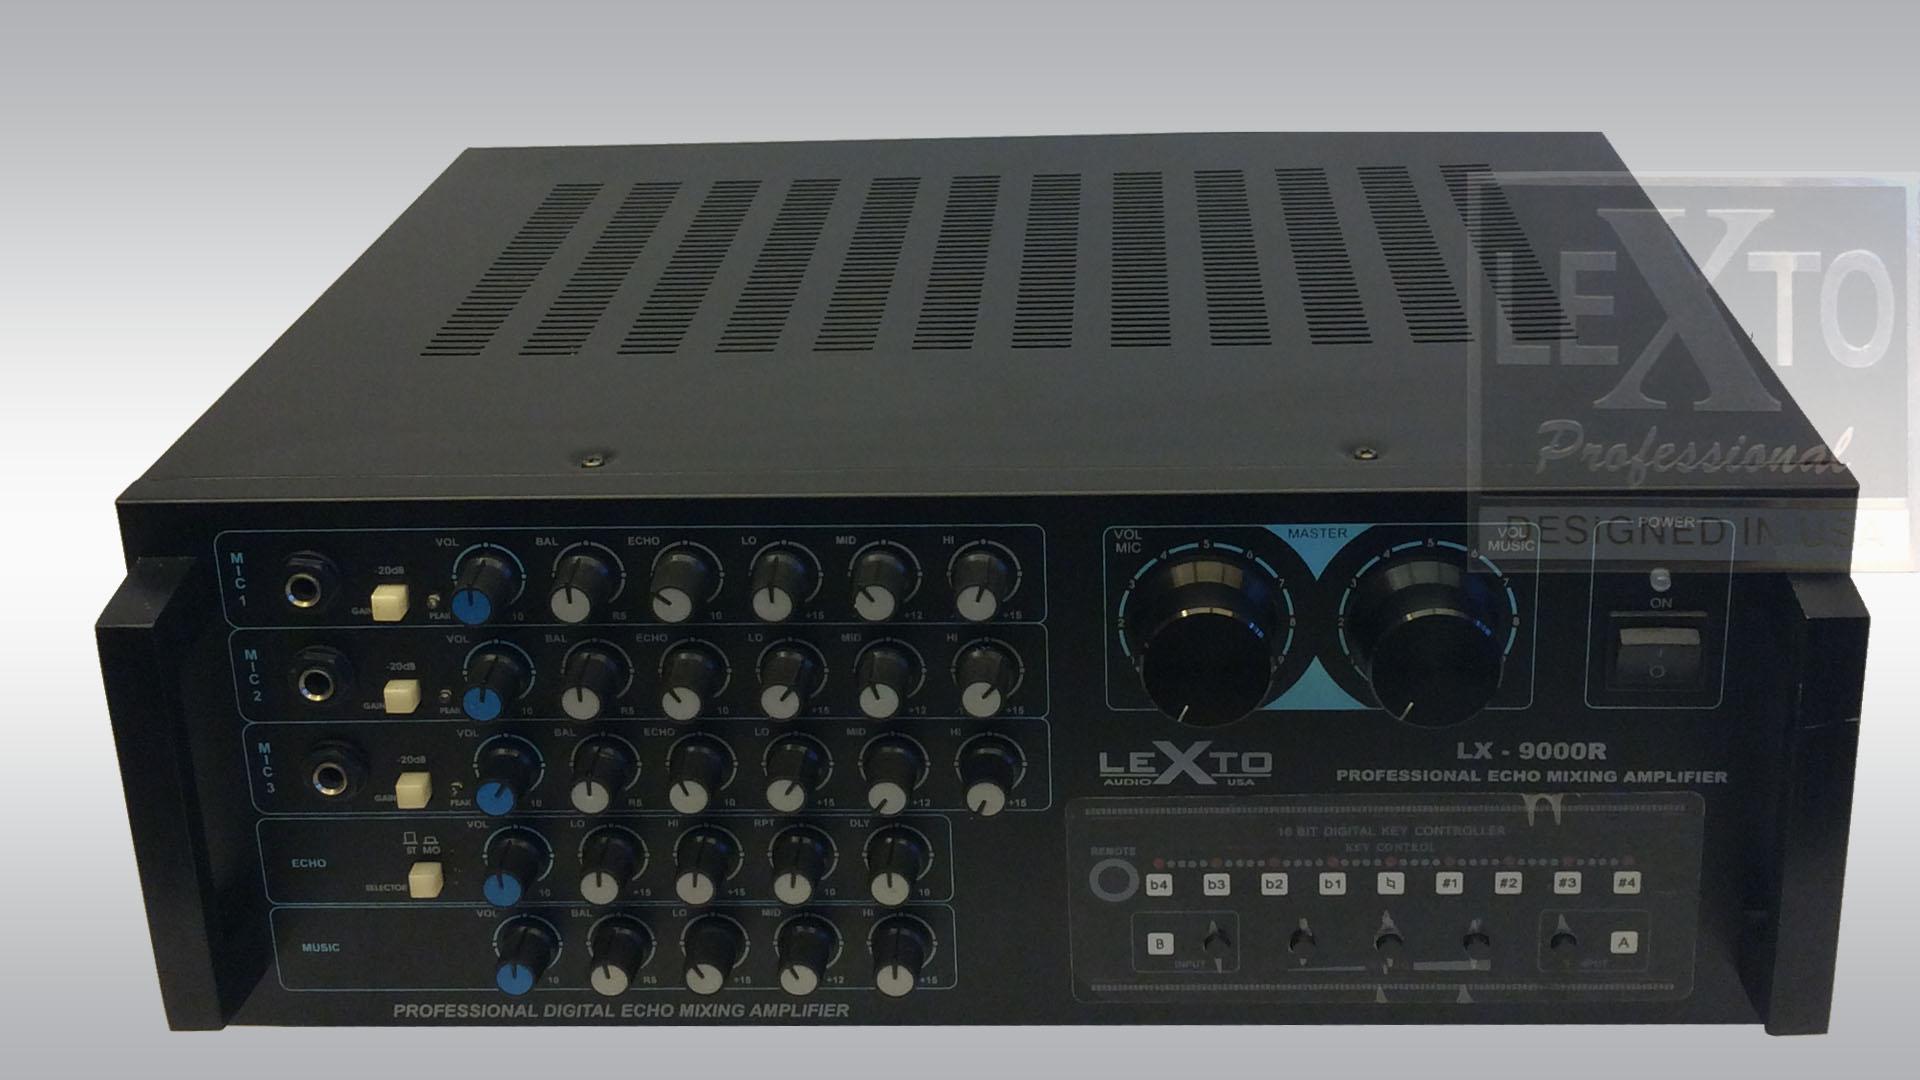 LX-9000R